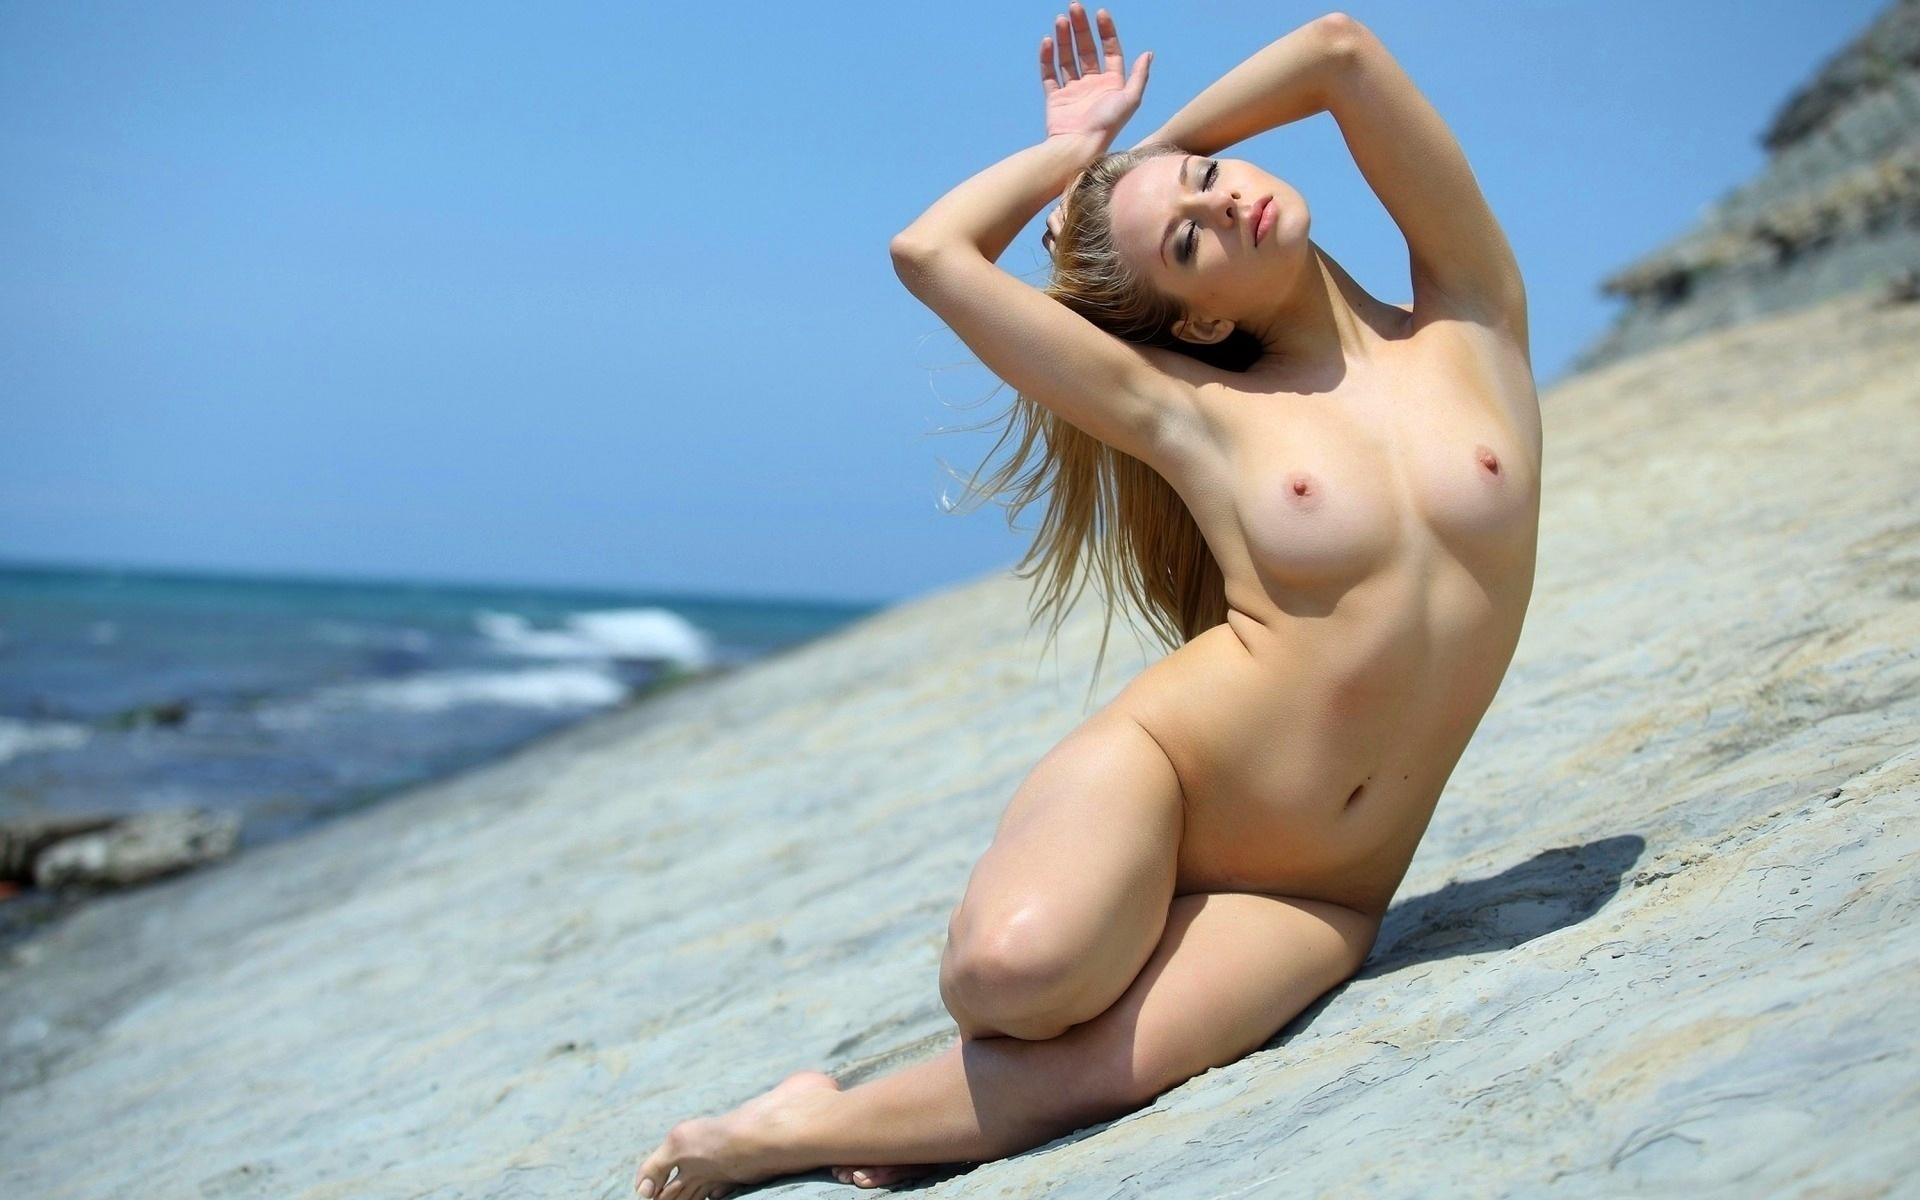 Сбежавшие фото голых девушек на море молодые дыры сперма внутри